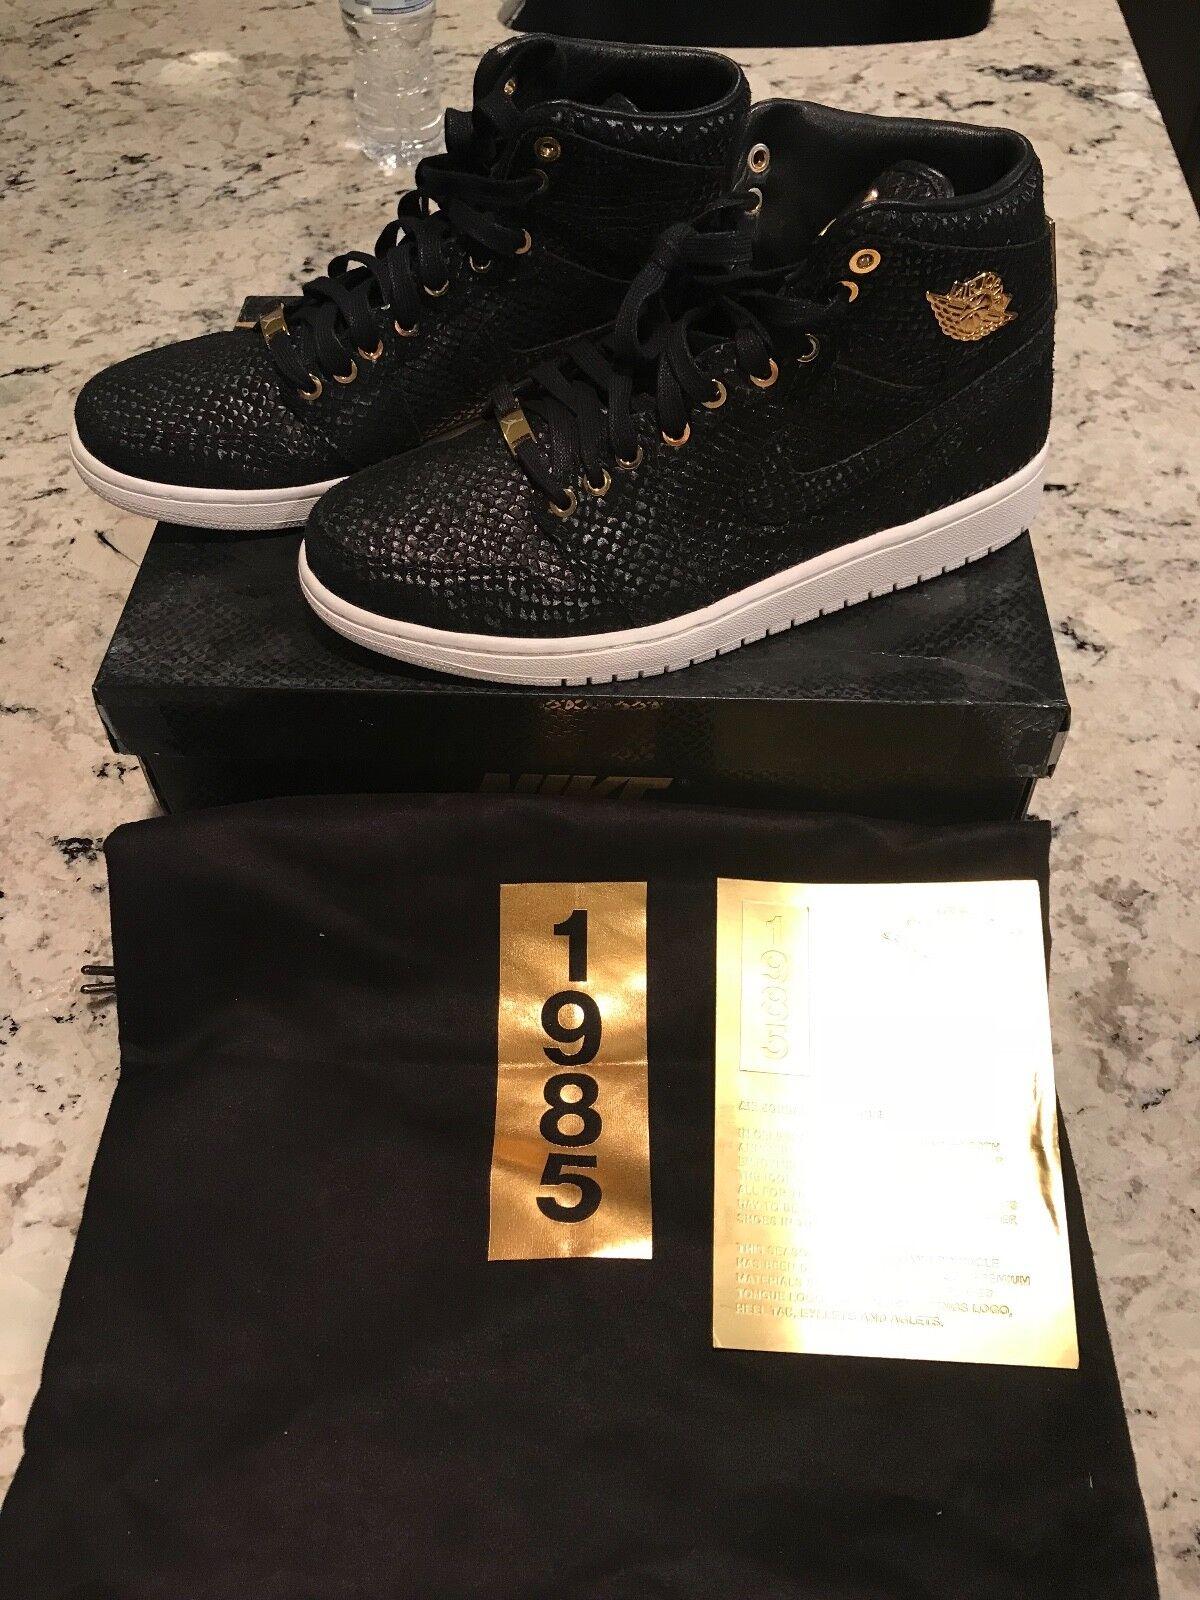 Air Jordan 1 Retro I High Pinnacle Pack Black Metallic 24k gold White 705075-030